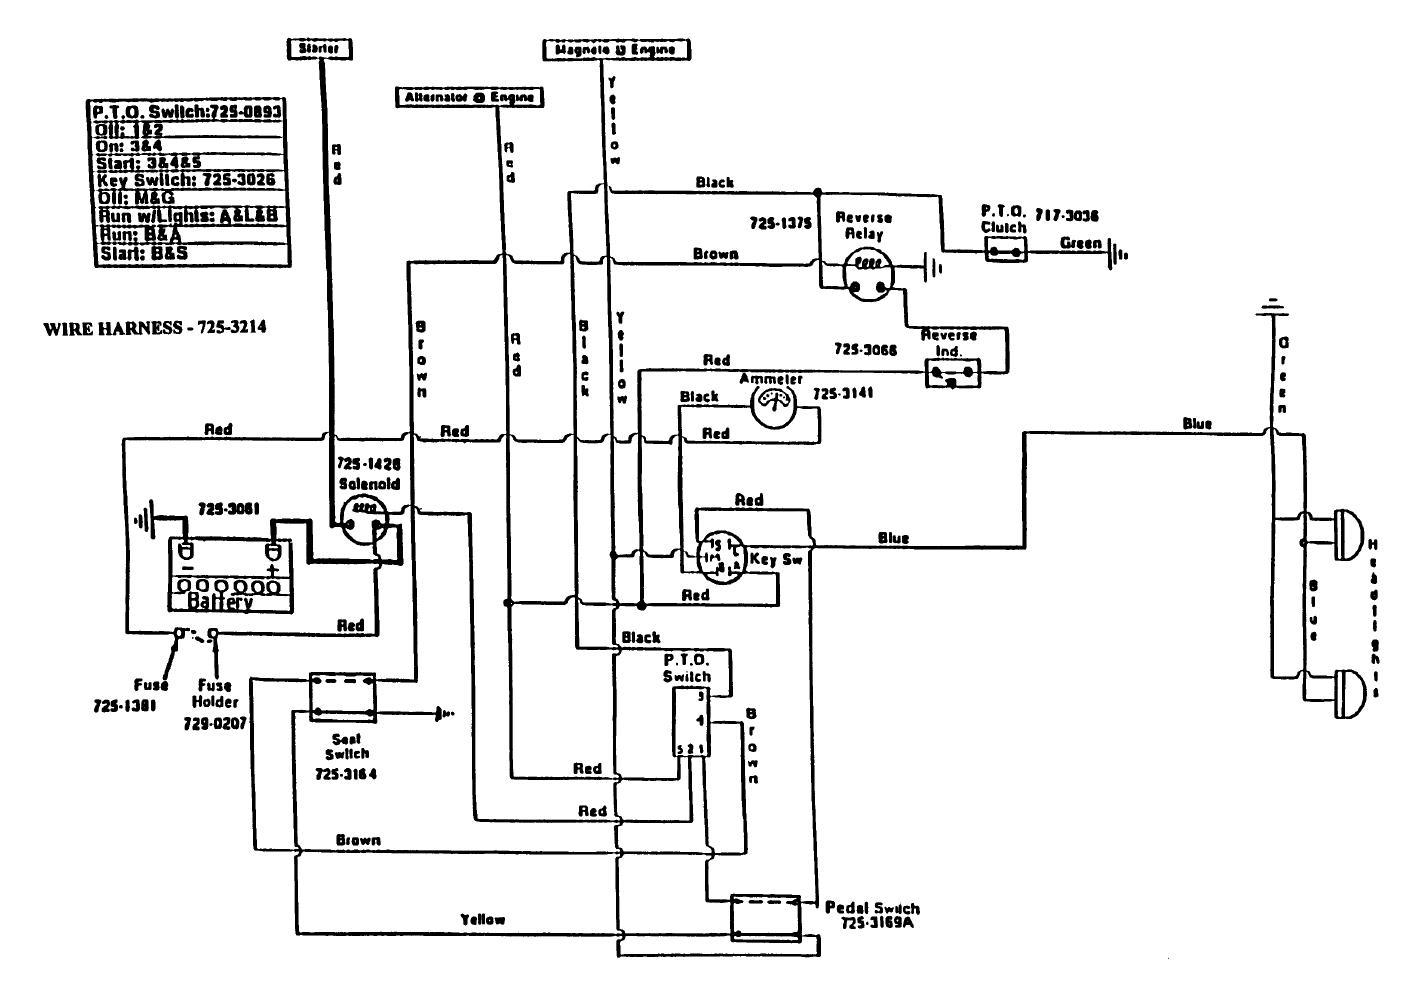 [DIAGRAM_3US]  BZ_3230] Cub Cadet Wiring Short Schematic Wiring | Cub Cadet Wiring Diagram Switch |  | Gue45 Sapebe Mohammedshrine Librar Wiring 101